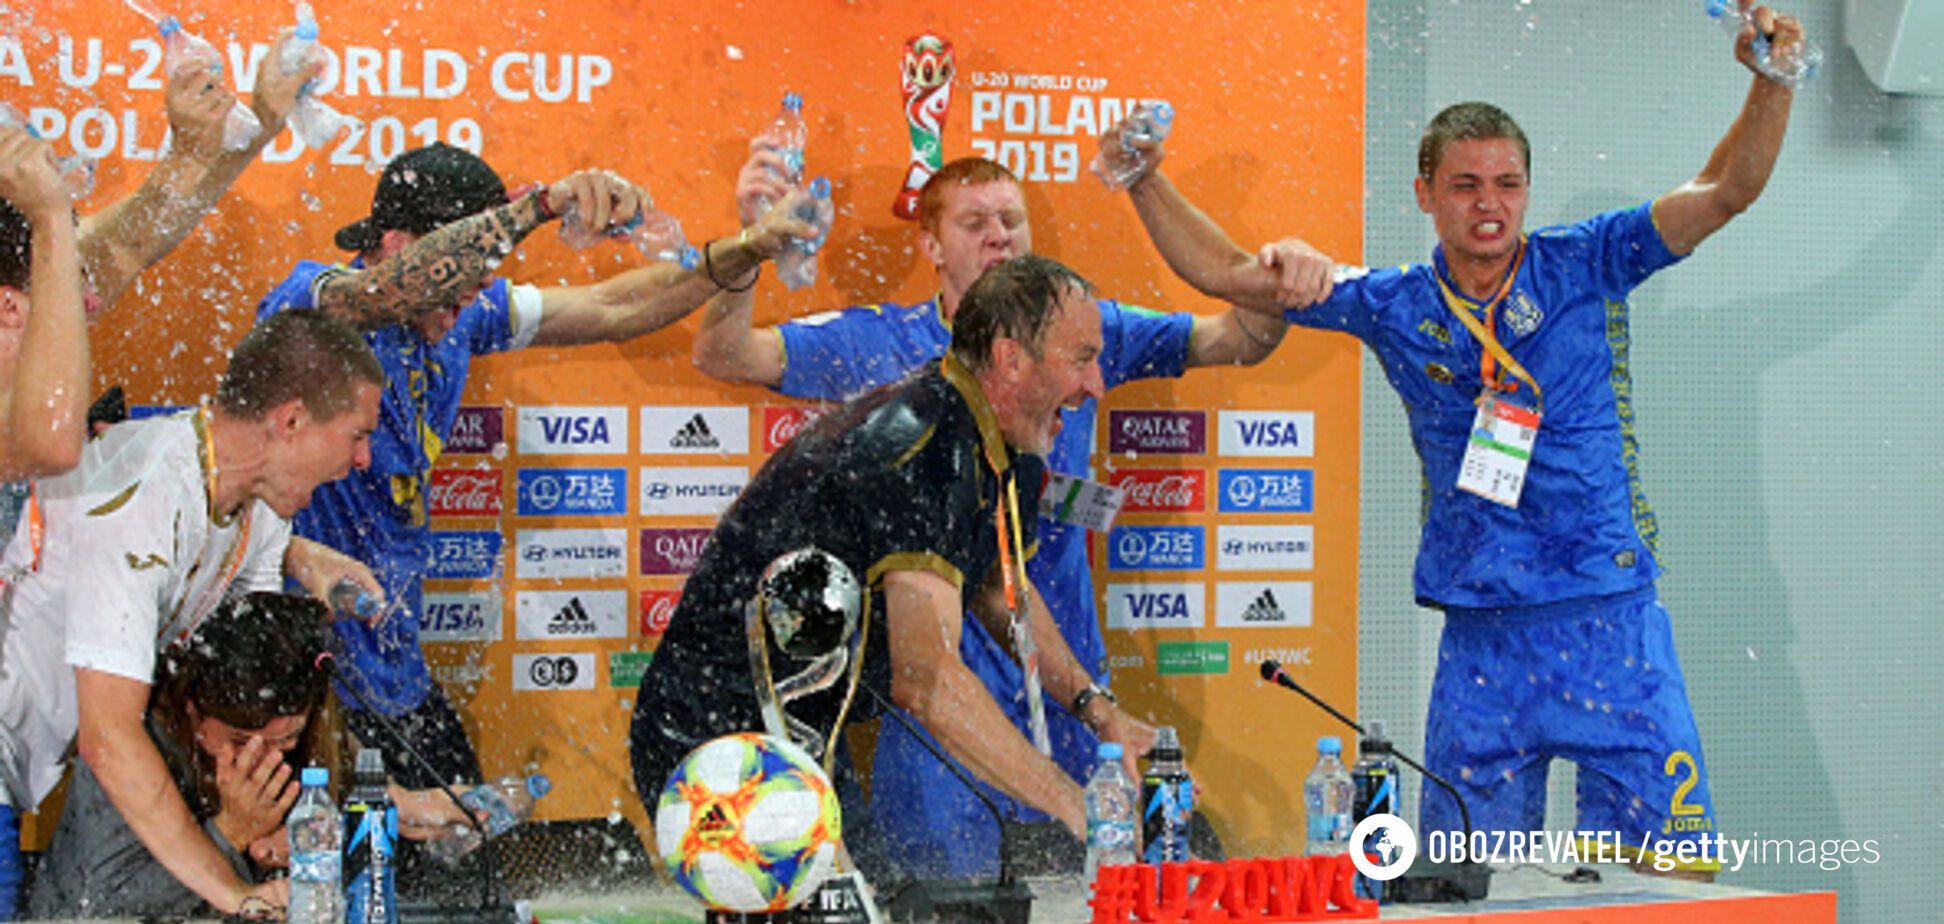 Украинские футболисты устроили 'беспредел' на пресс-конференции после финала ЧМ U-20